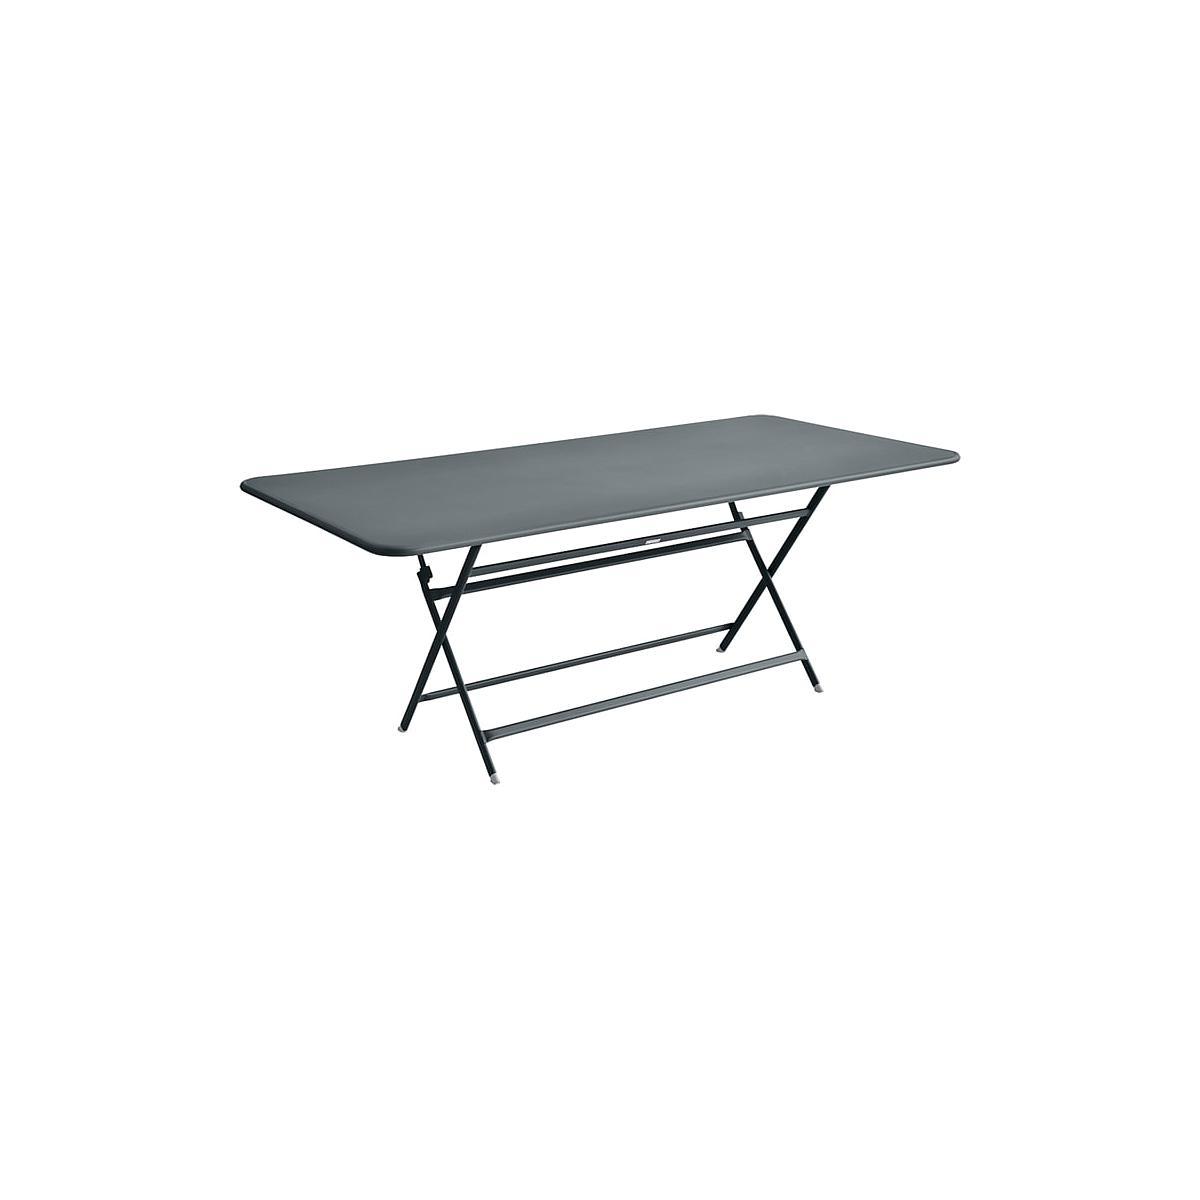 Table 90x190cm pliante CARACTERE Fermob Gris Orage